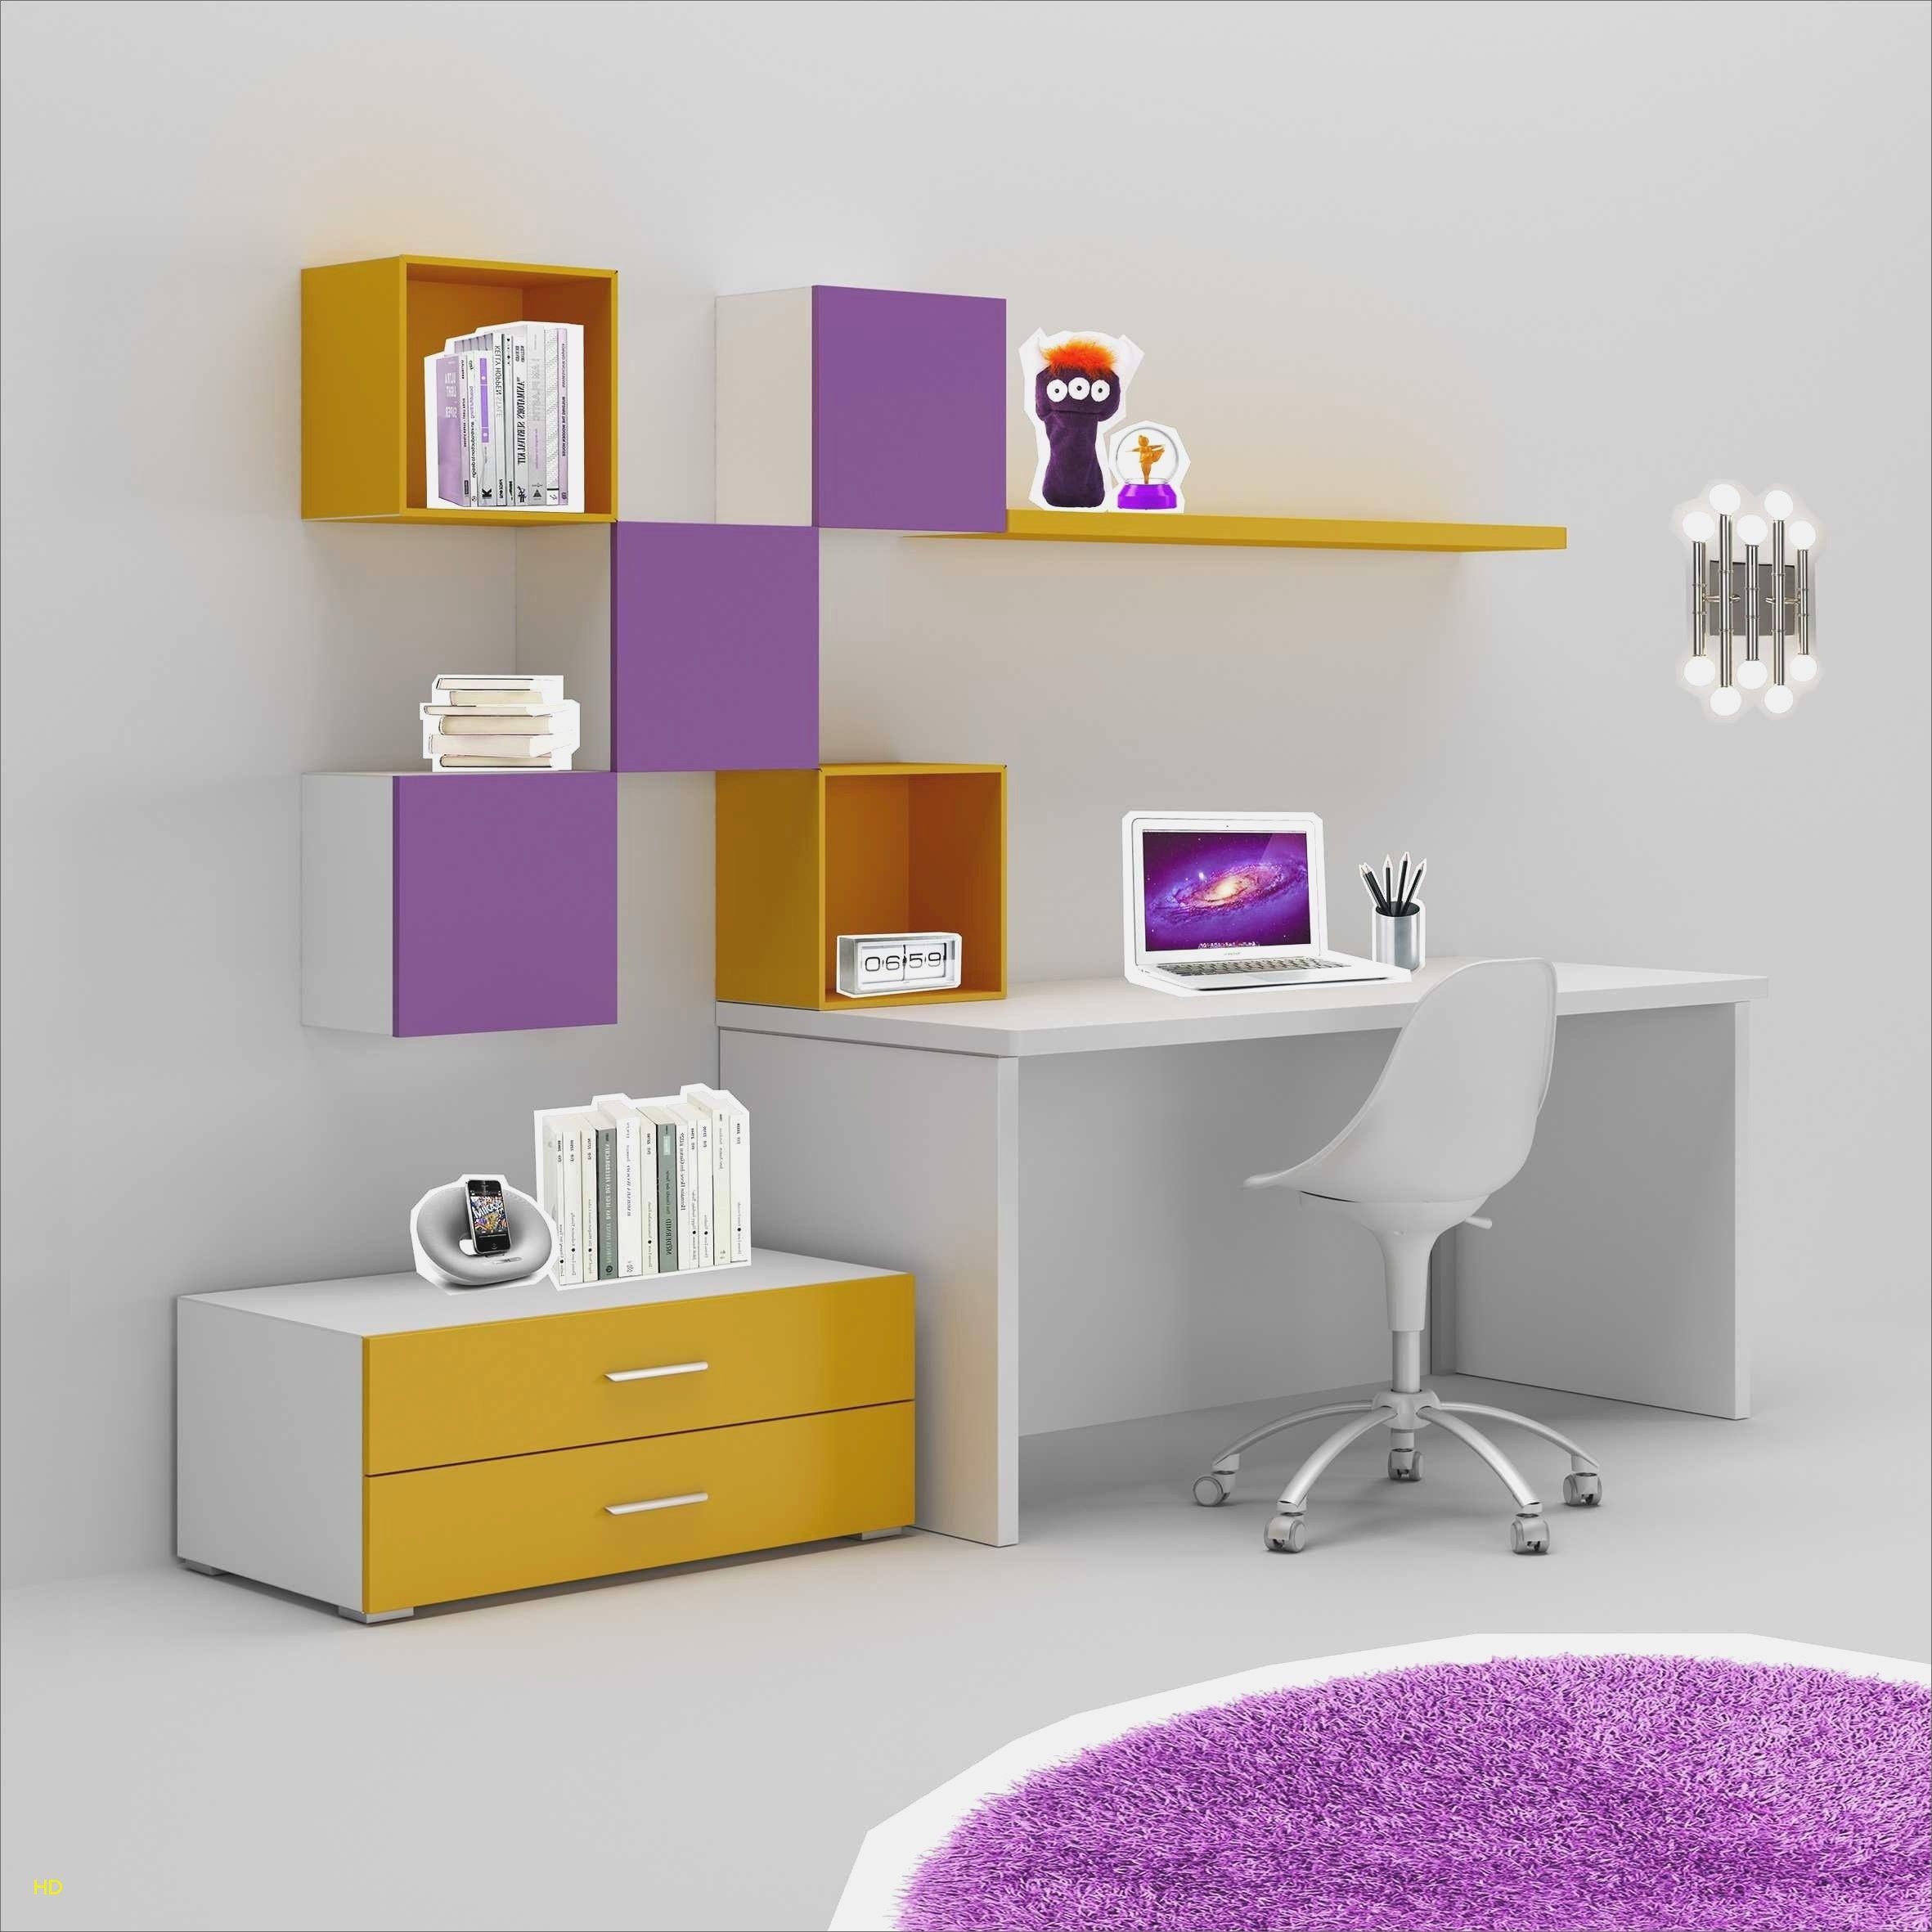 Chambre Avec Lit Mezzanine Le Luxe étourdissant Chambre Mezzanine Ado Sur Lit Mezzanine Design Lit